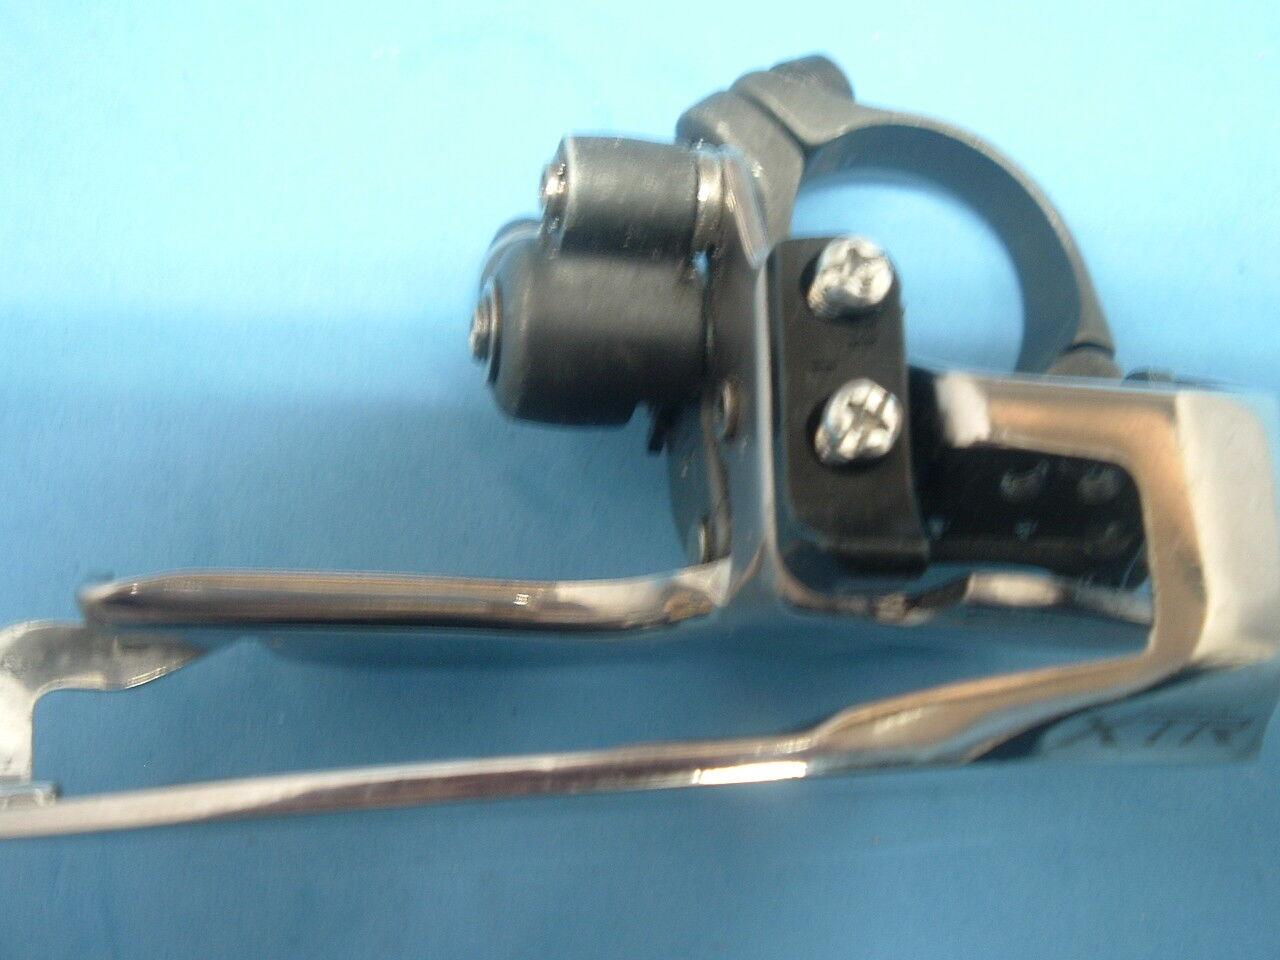 Shimano XTR M950 NEW NOS MTB Front Derailleur Vintage-31.8MM-TP TS-7 8-Spd Mint